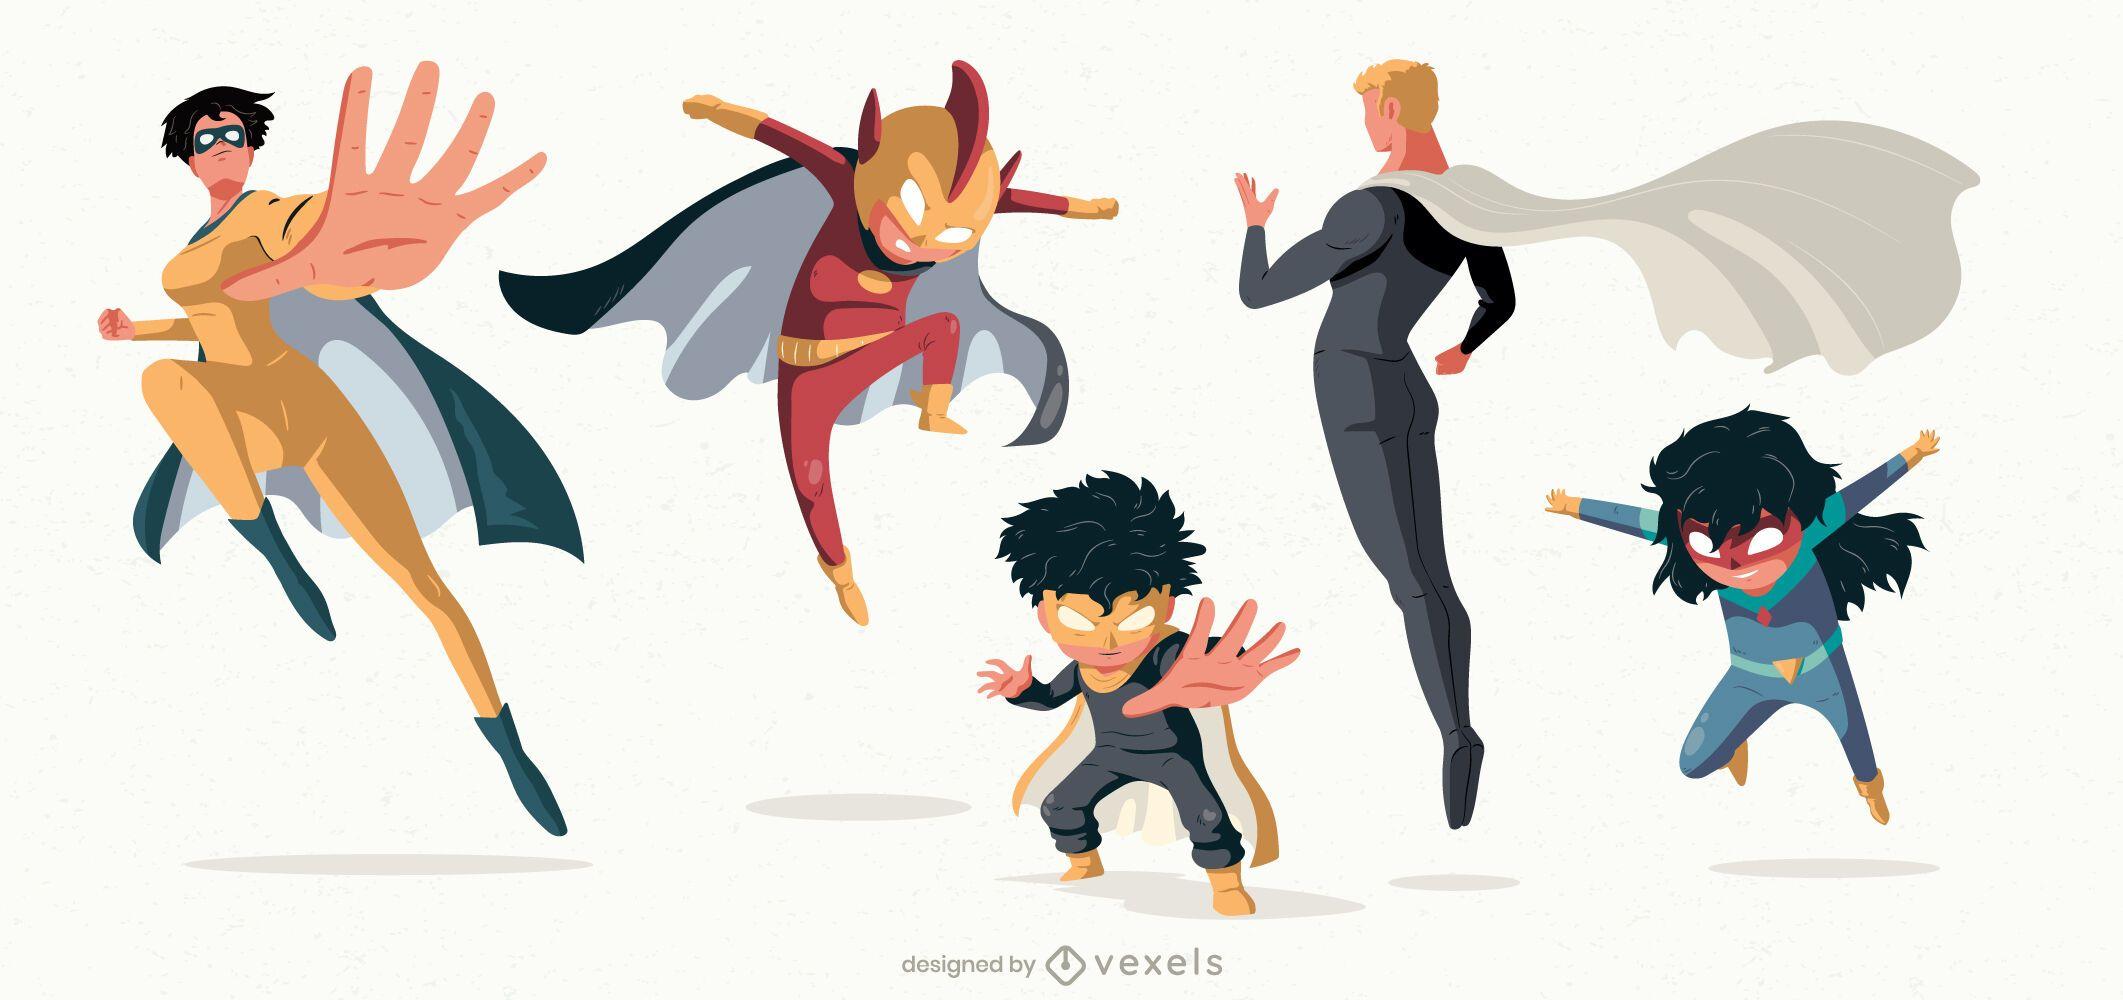 Pack de personajes de poses de superhéroe